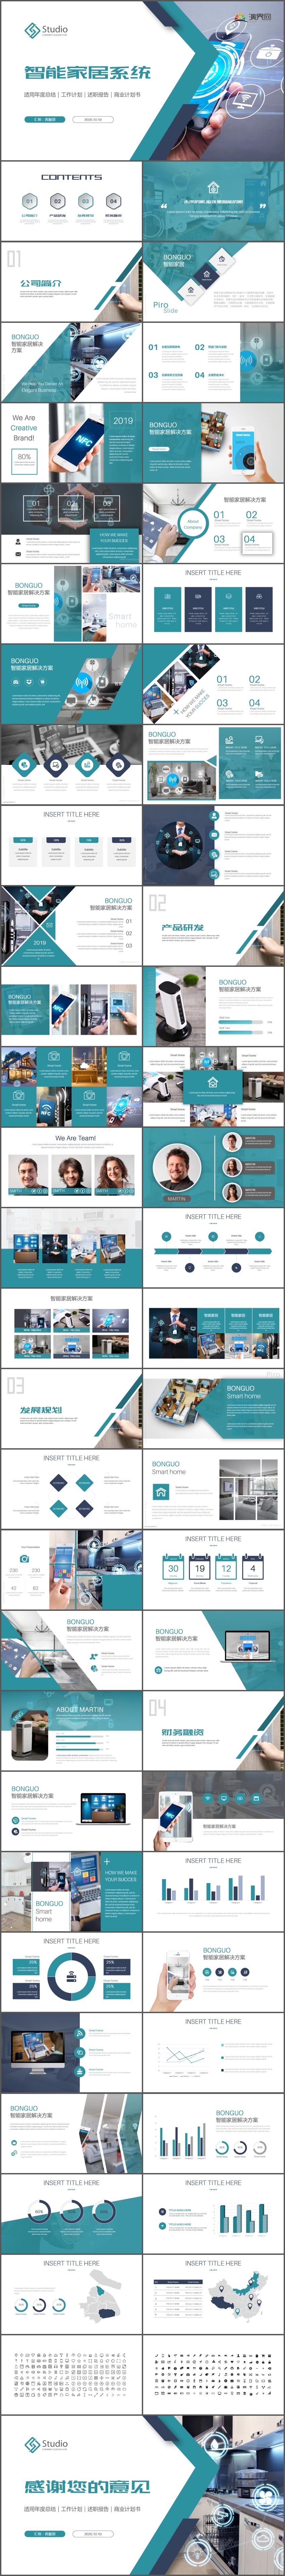 智能家居商业计划书PPT2019工作总结公司简介宣传